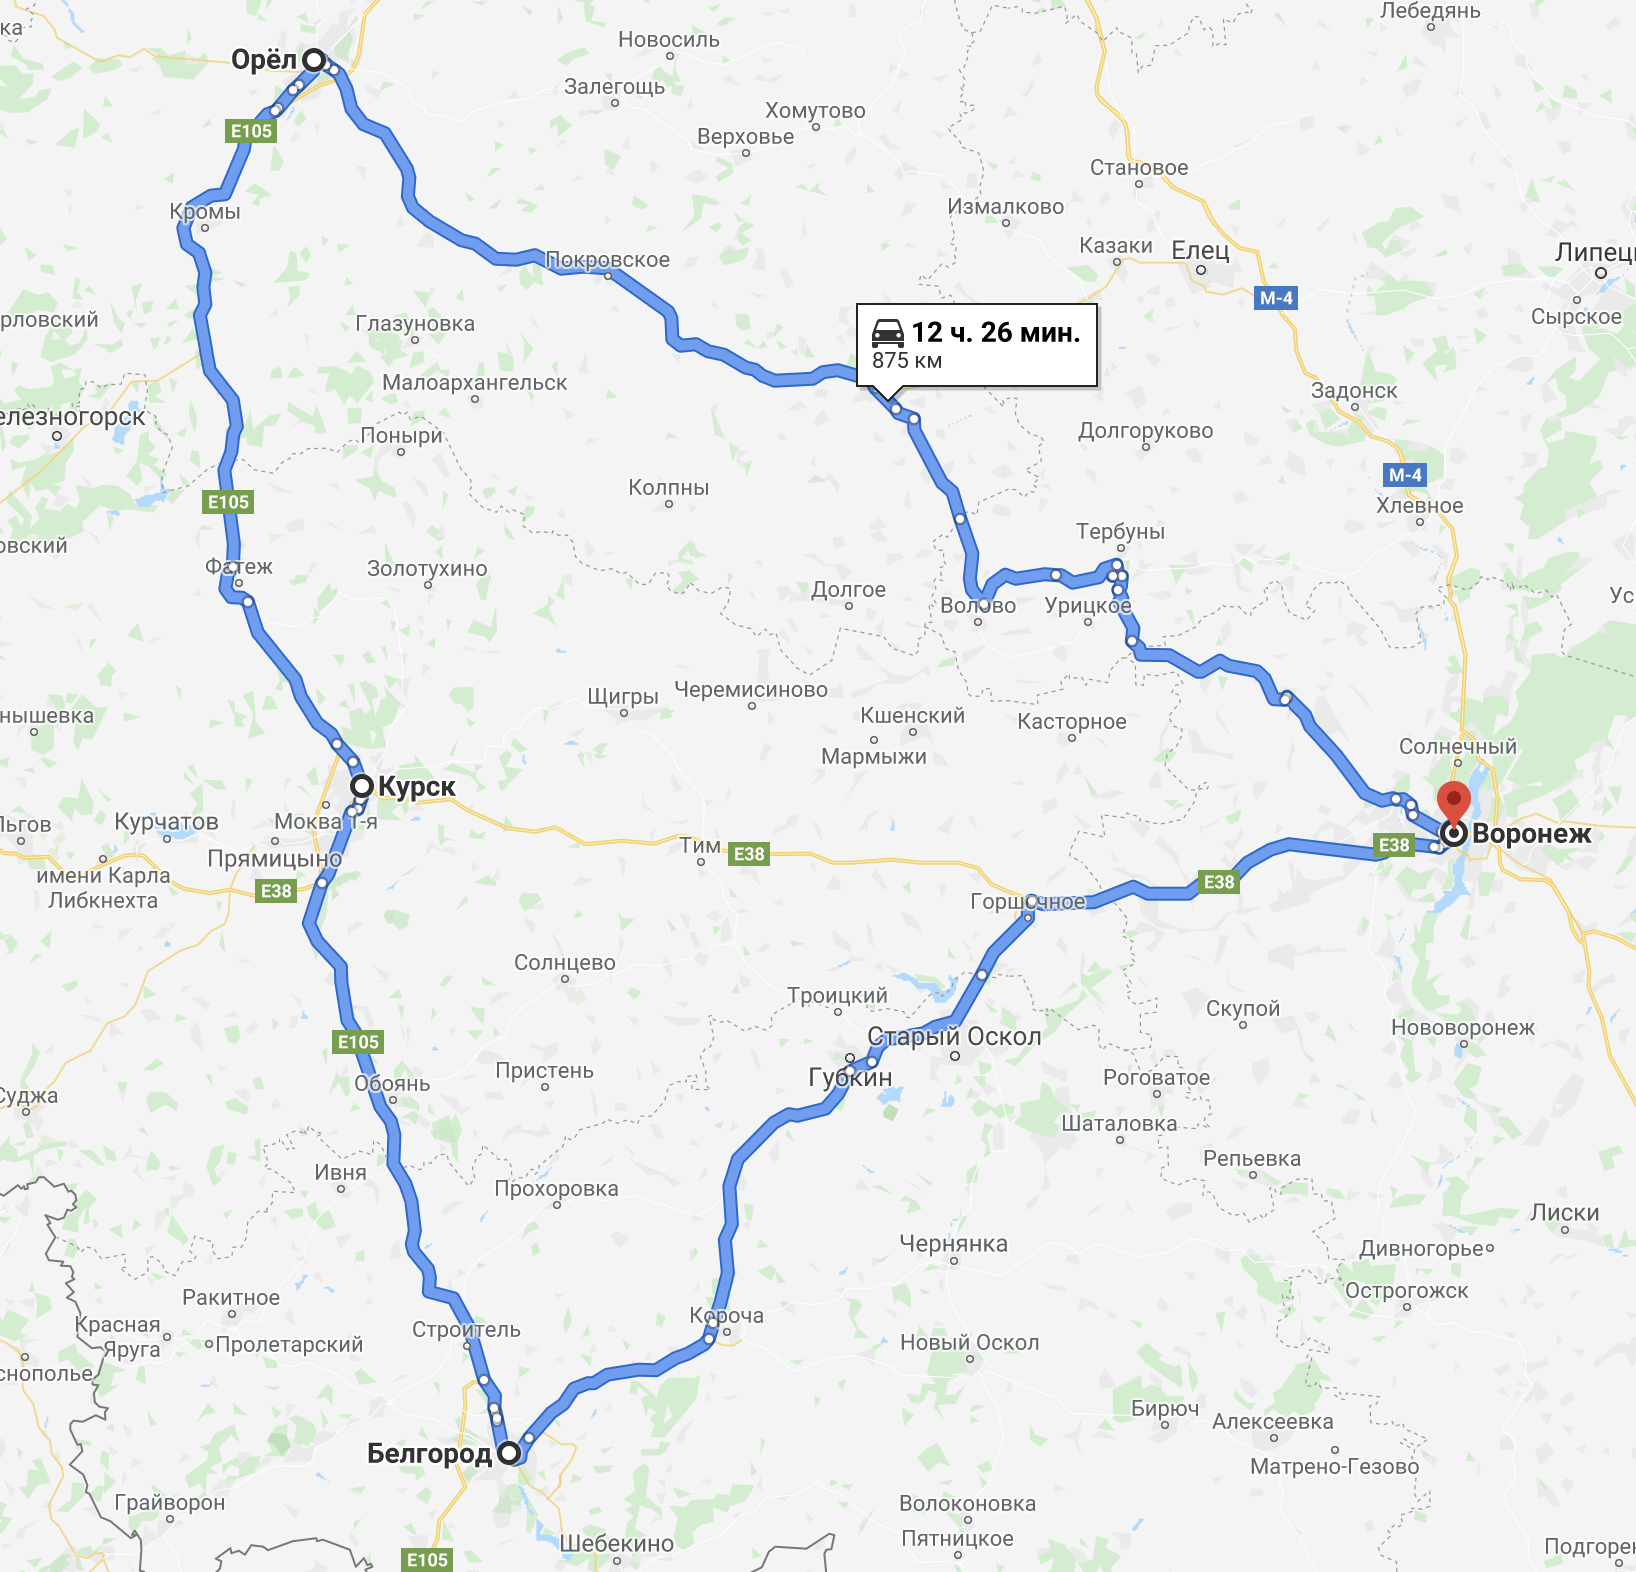 Круговой маршрут: из Воронежа выехали, сделали круг по трем городам и вернулись. Пробег всего 875км